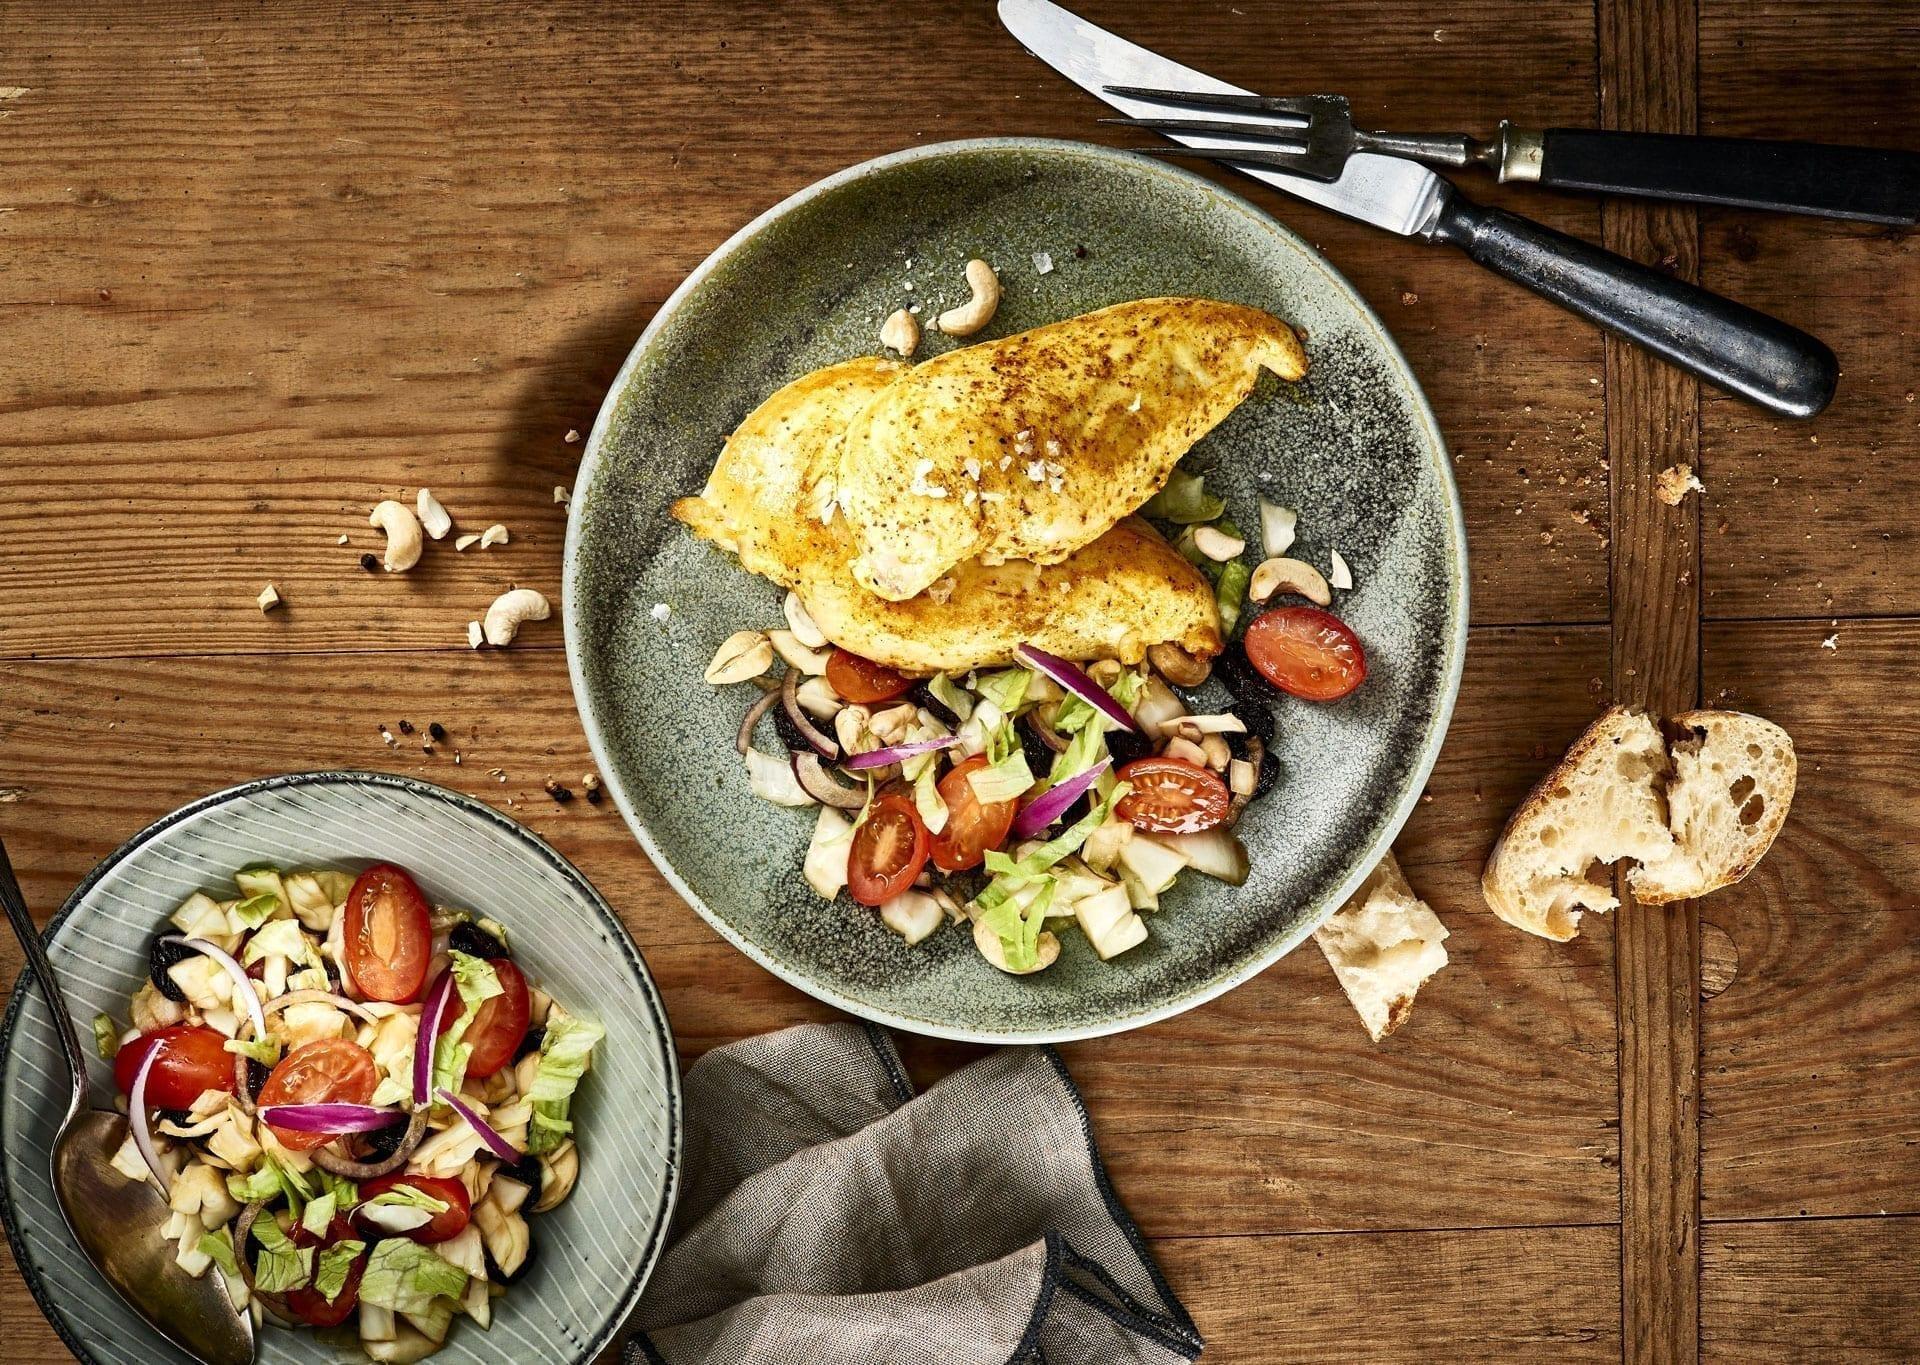 Sprød bagt kyllingebryst serveret med frisk salat og brød